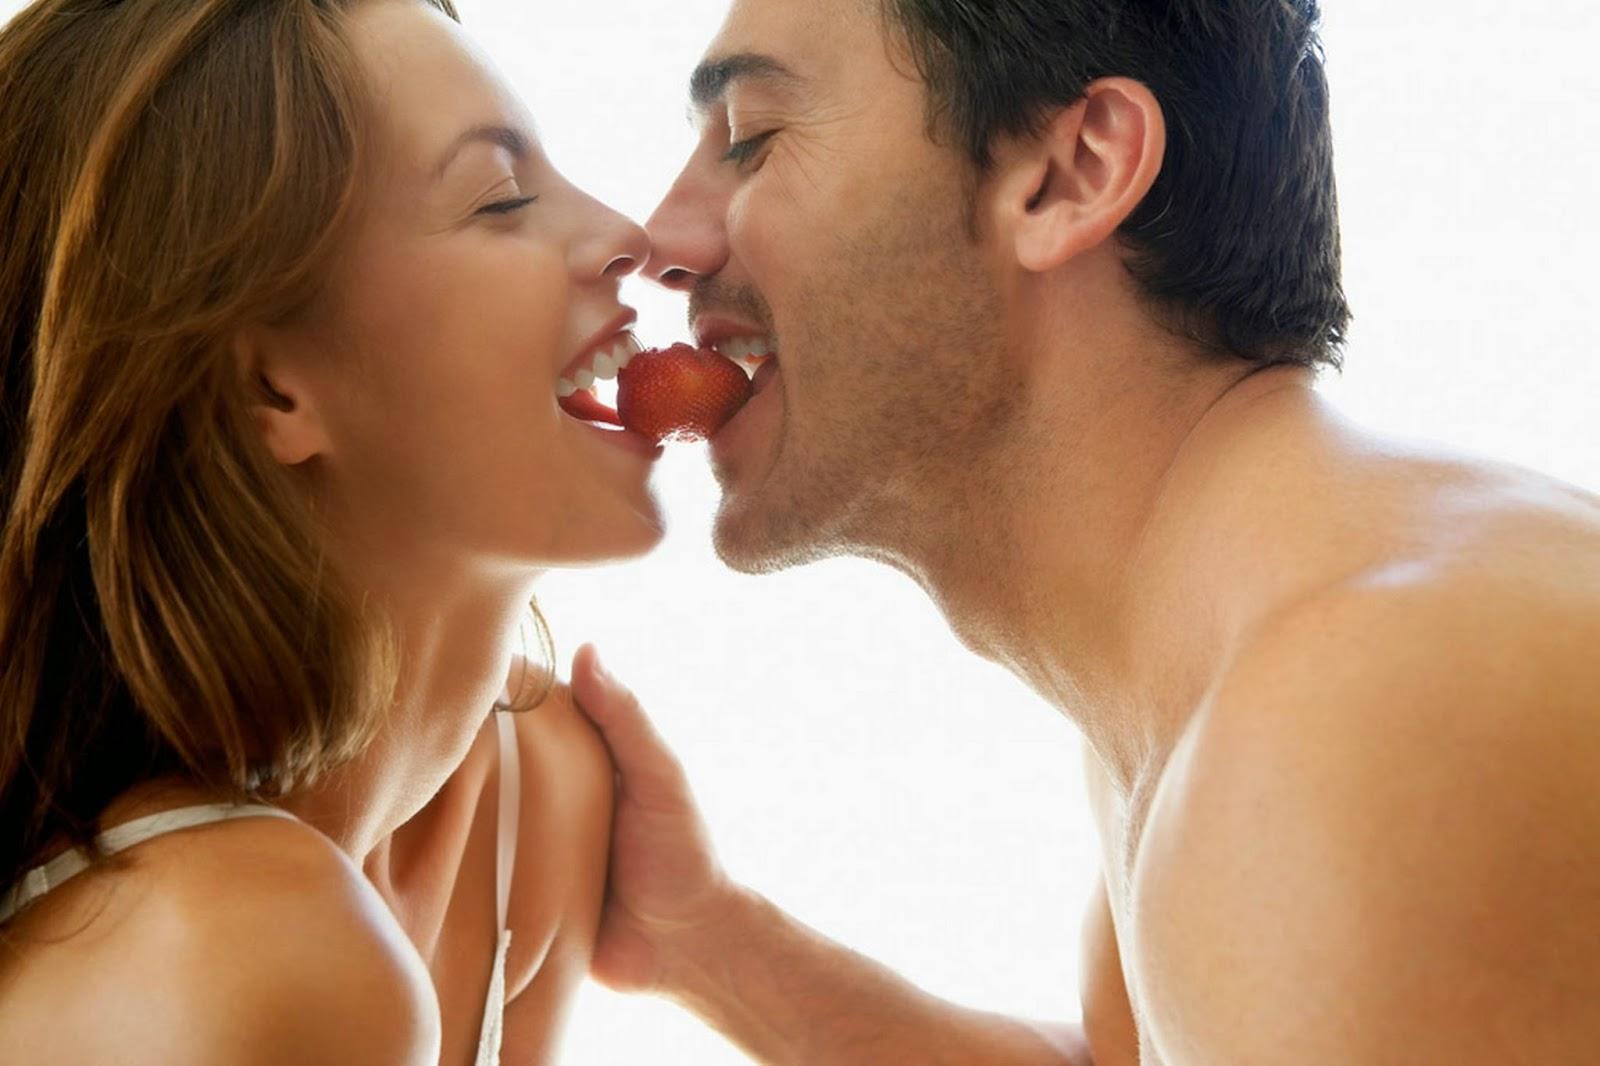 Použijte jídlo jako afrodiziakum při sexu